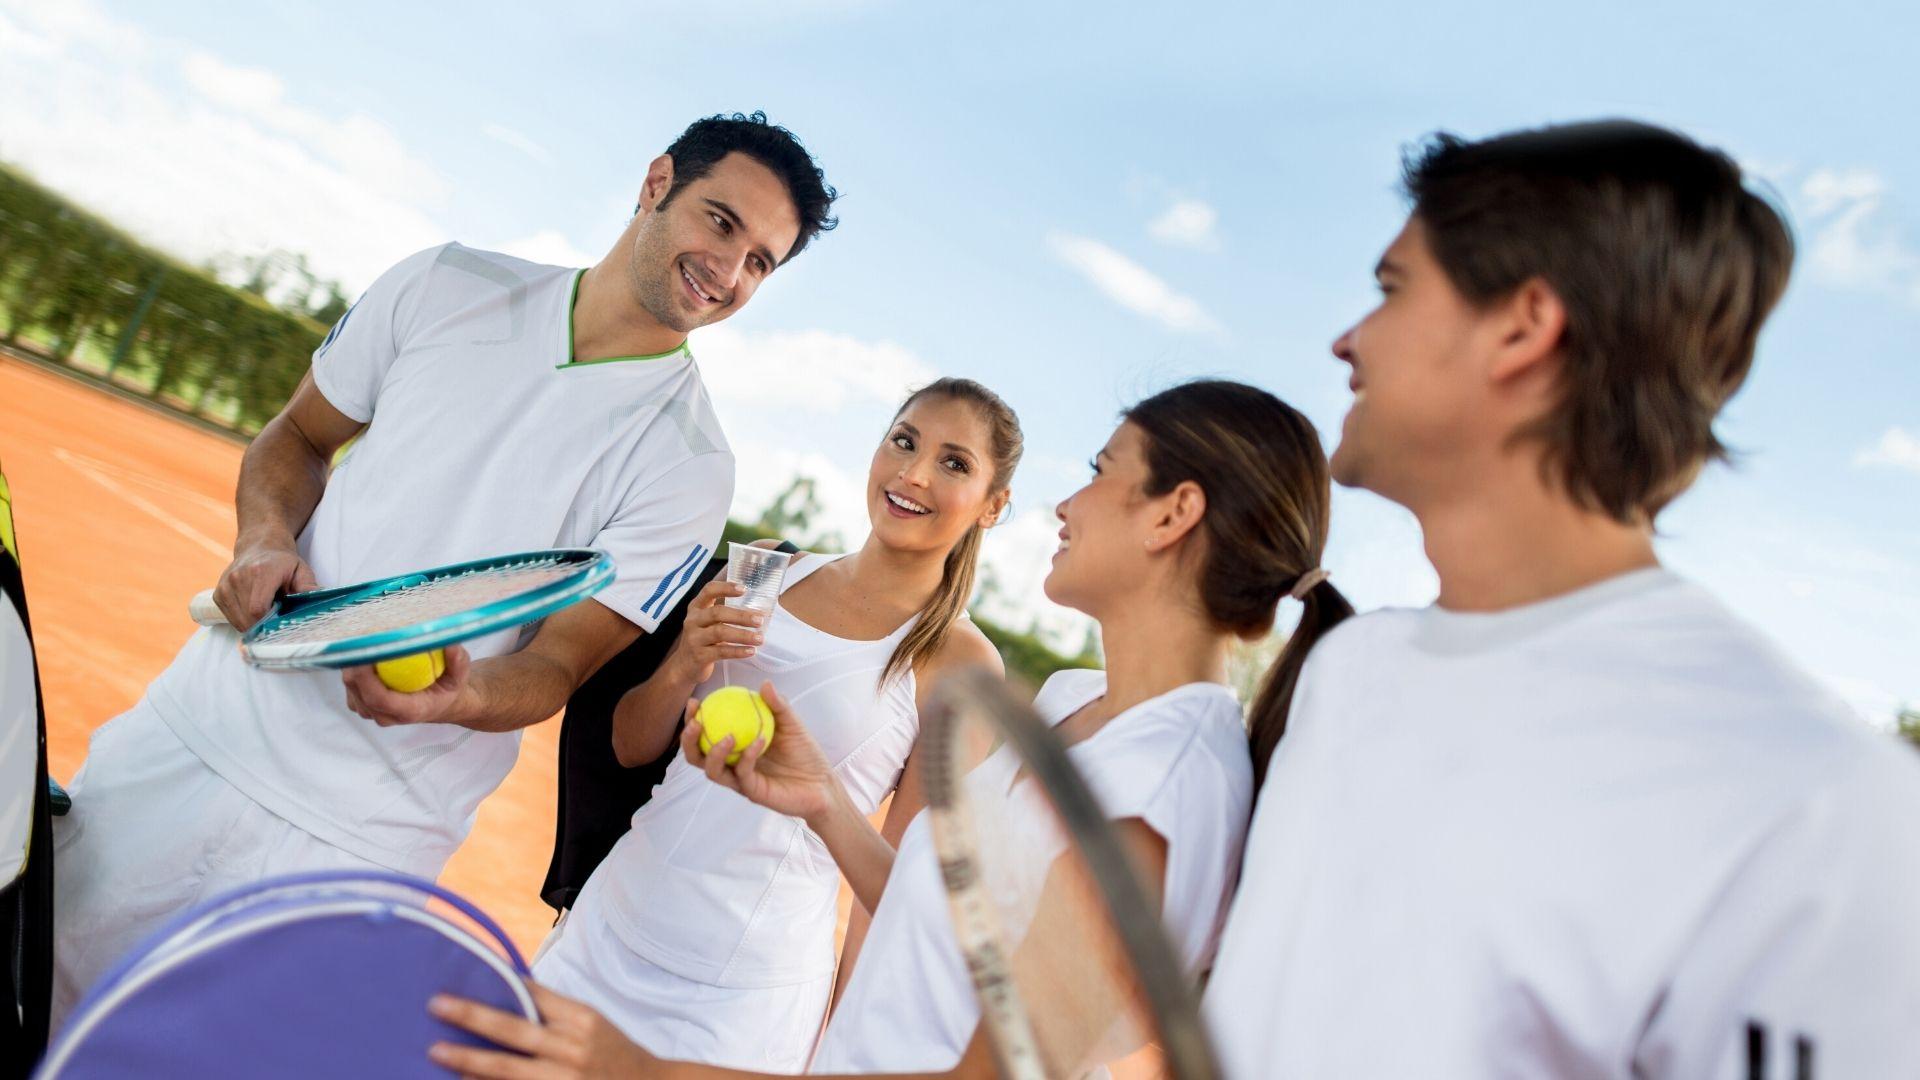 https://tennisclubvomero.it/Area%20Riservata%20Soci